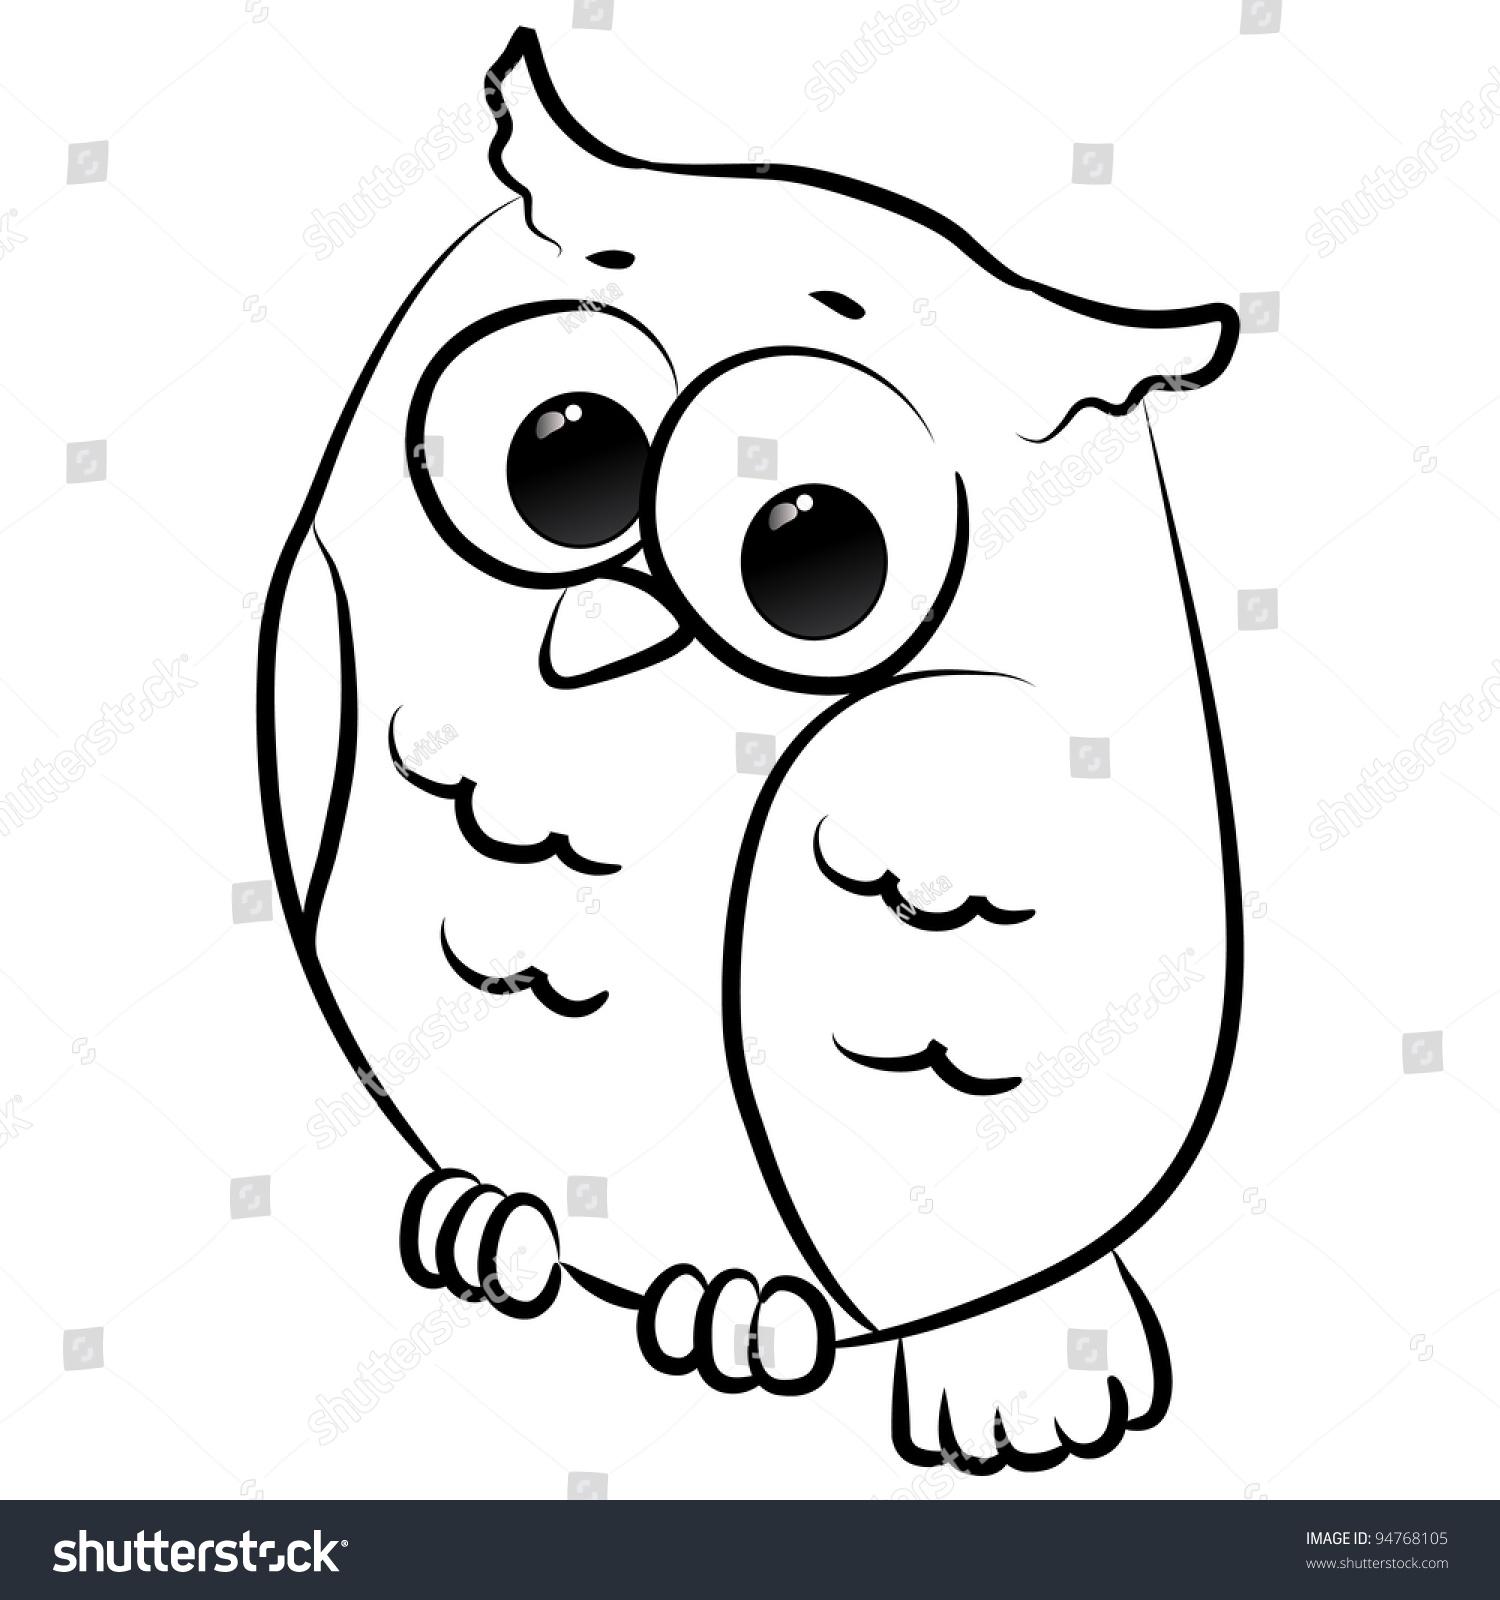 Cute Little Owl Cartoon Line Art Stock Vector 94768105